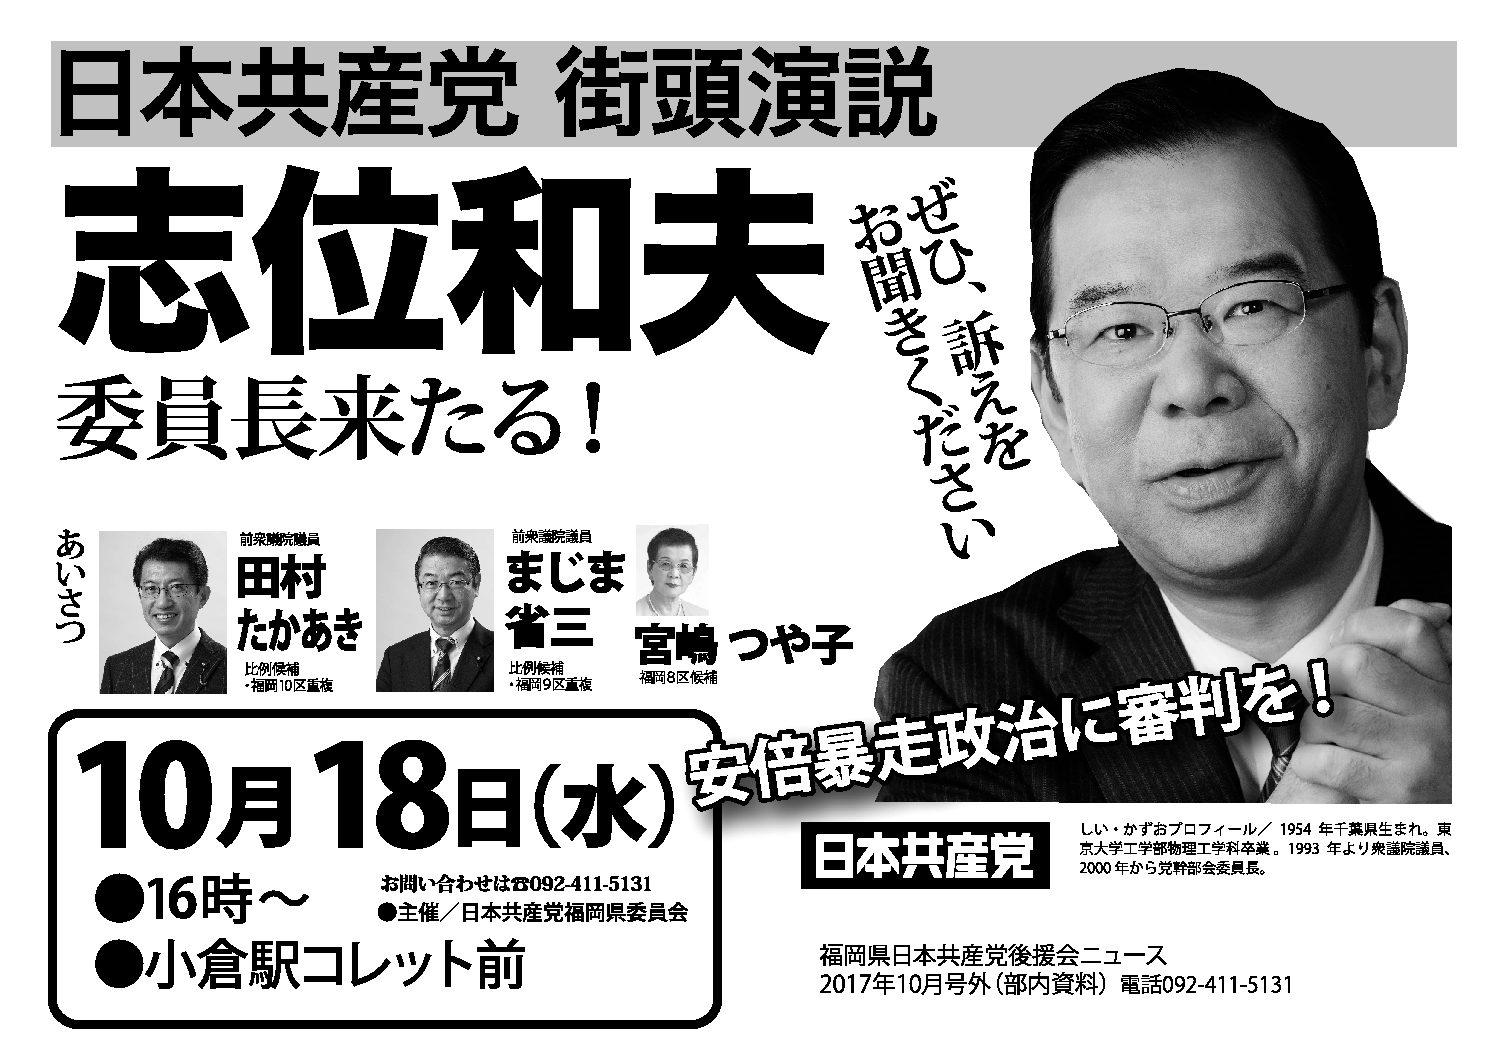 10月18日(土) 16時〜 小倉駅コレット前 街頭演説